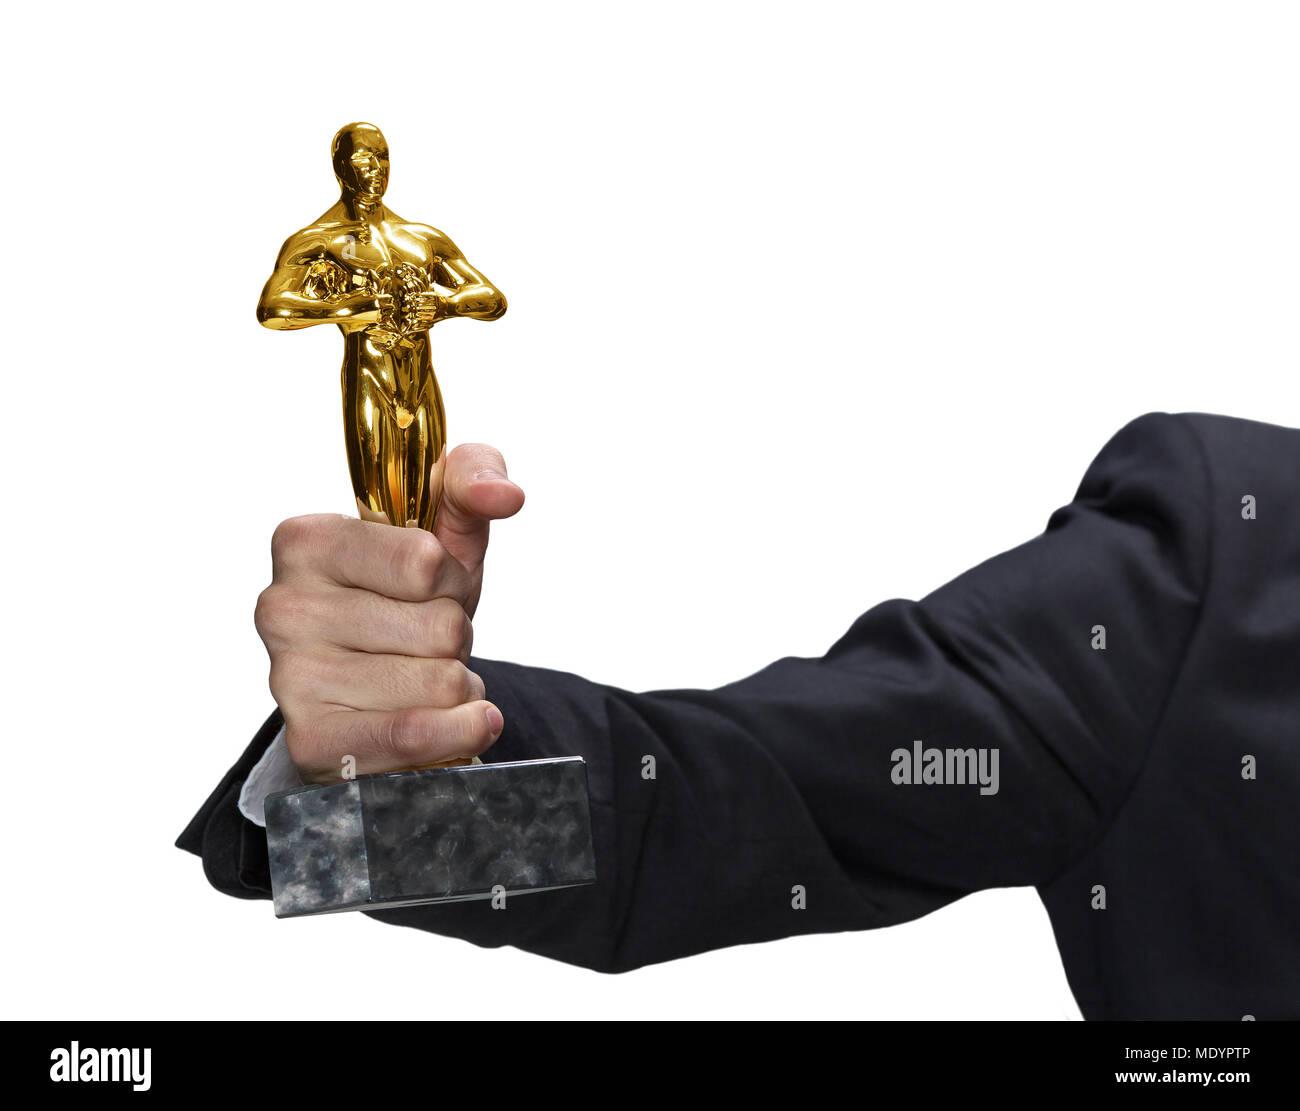 Primer plano de una mano en traje negro celebración real estatua de Oscar, aislado sobre fondo blanco, de gran tamaño foto Imagen De Stock